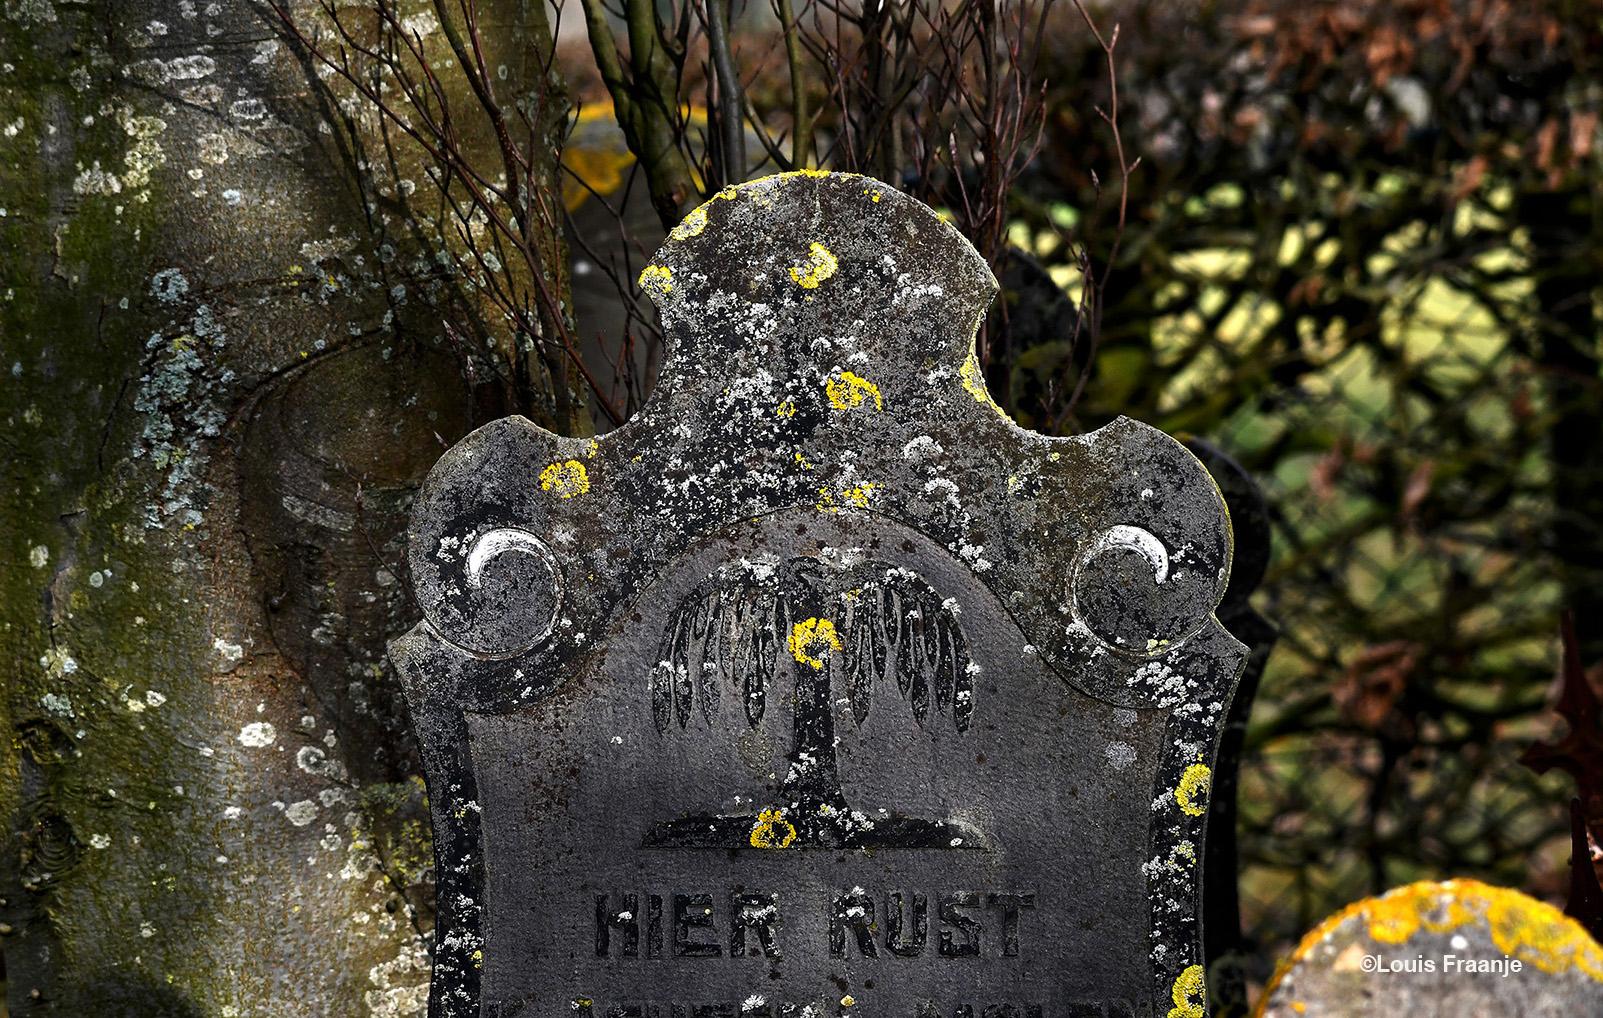 De vele grafstenen hebben vaak deze tekst als inleiding.... daar hoef ik verder weinig aan toe te voegen... Dat spreekt voor zich hier in de stilte van de begraafplaats - Foto: ©Louis Fraanje